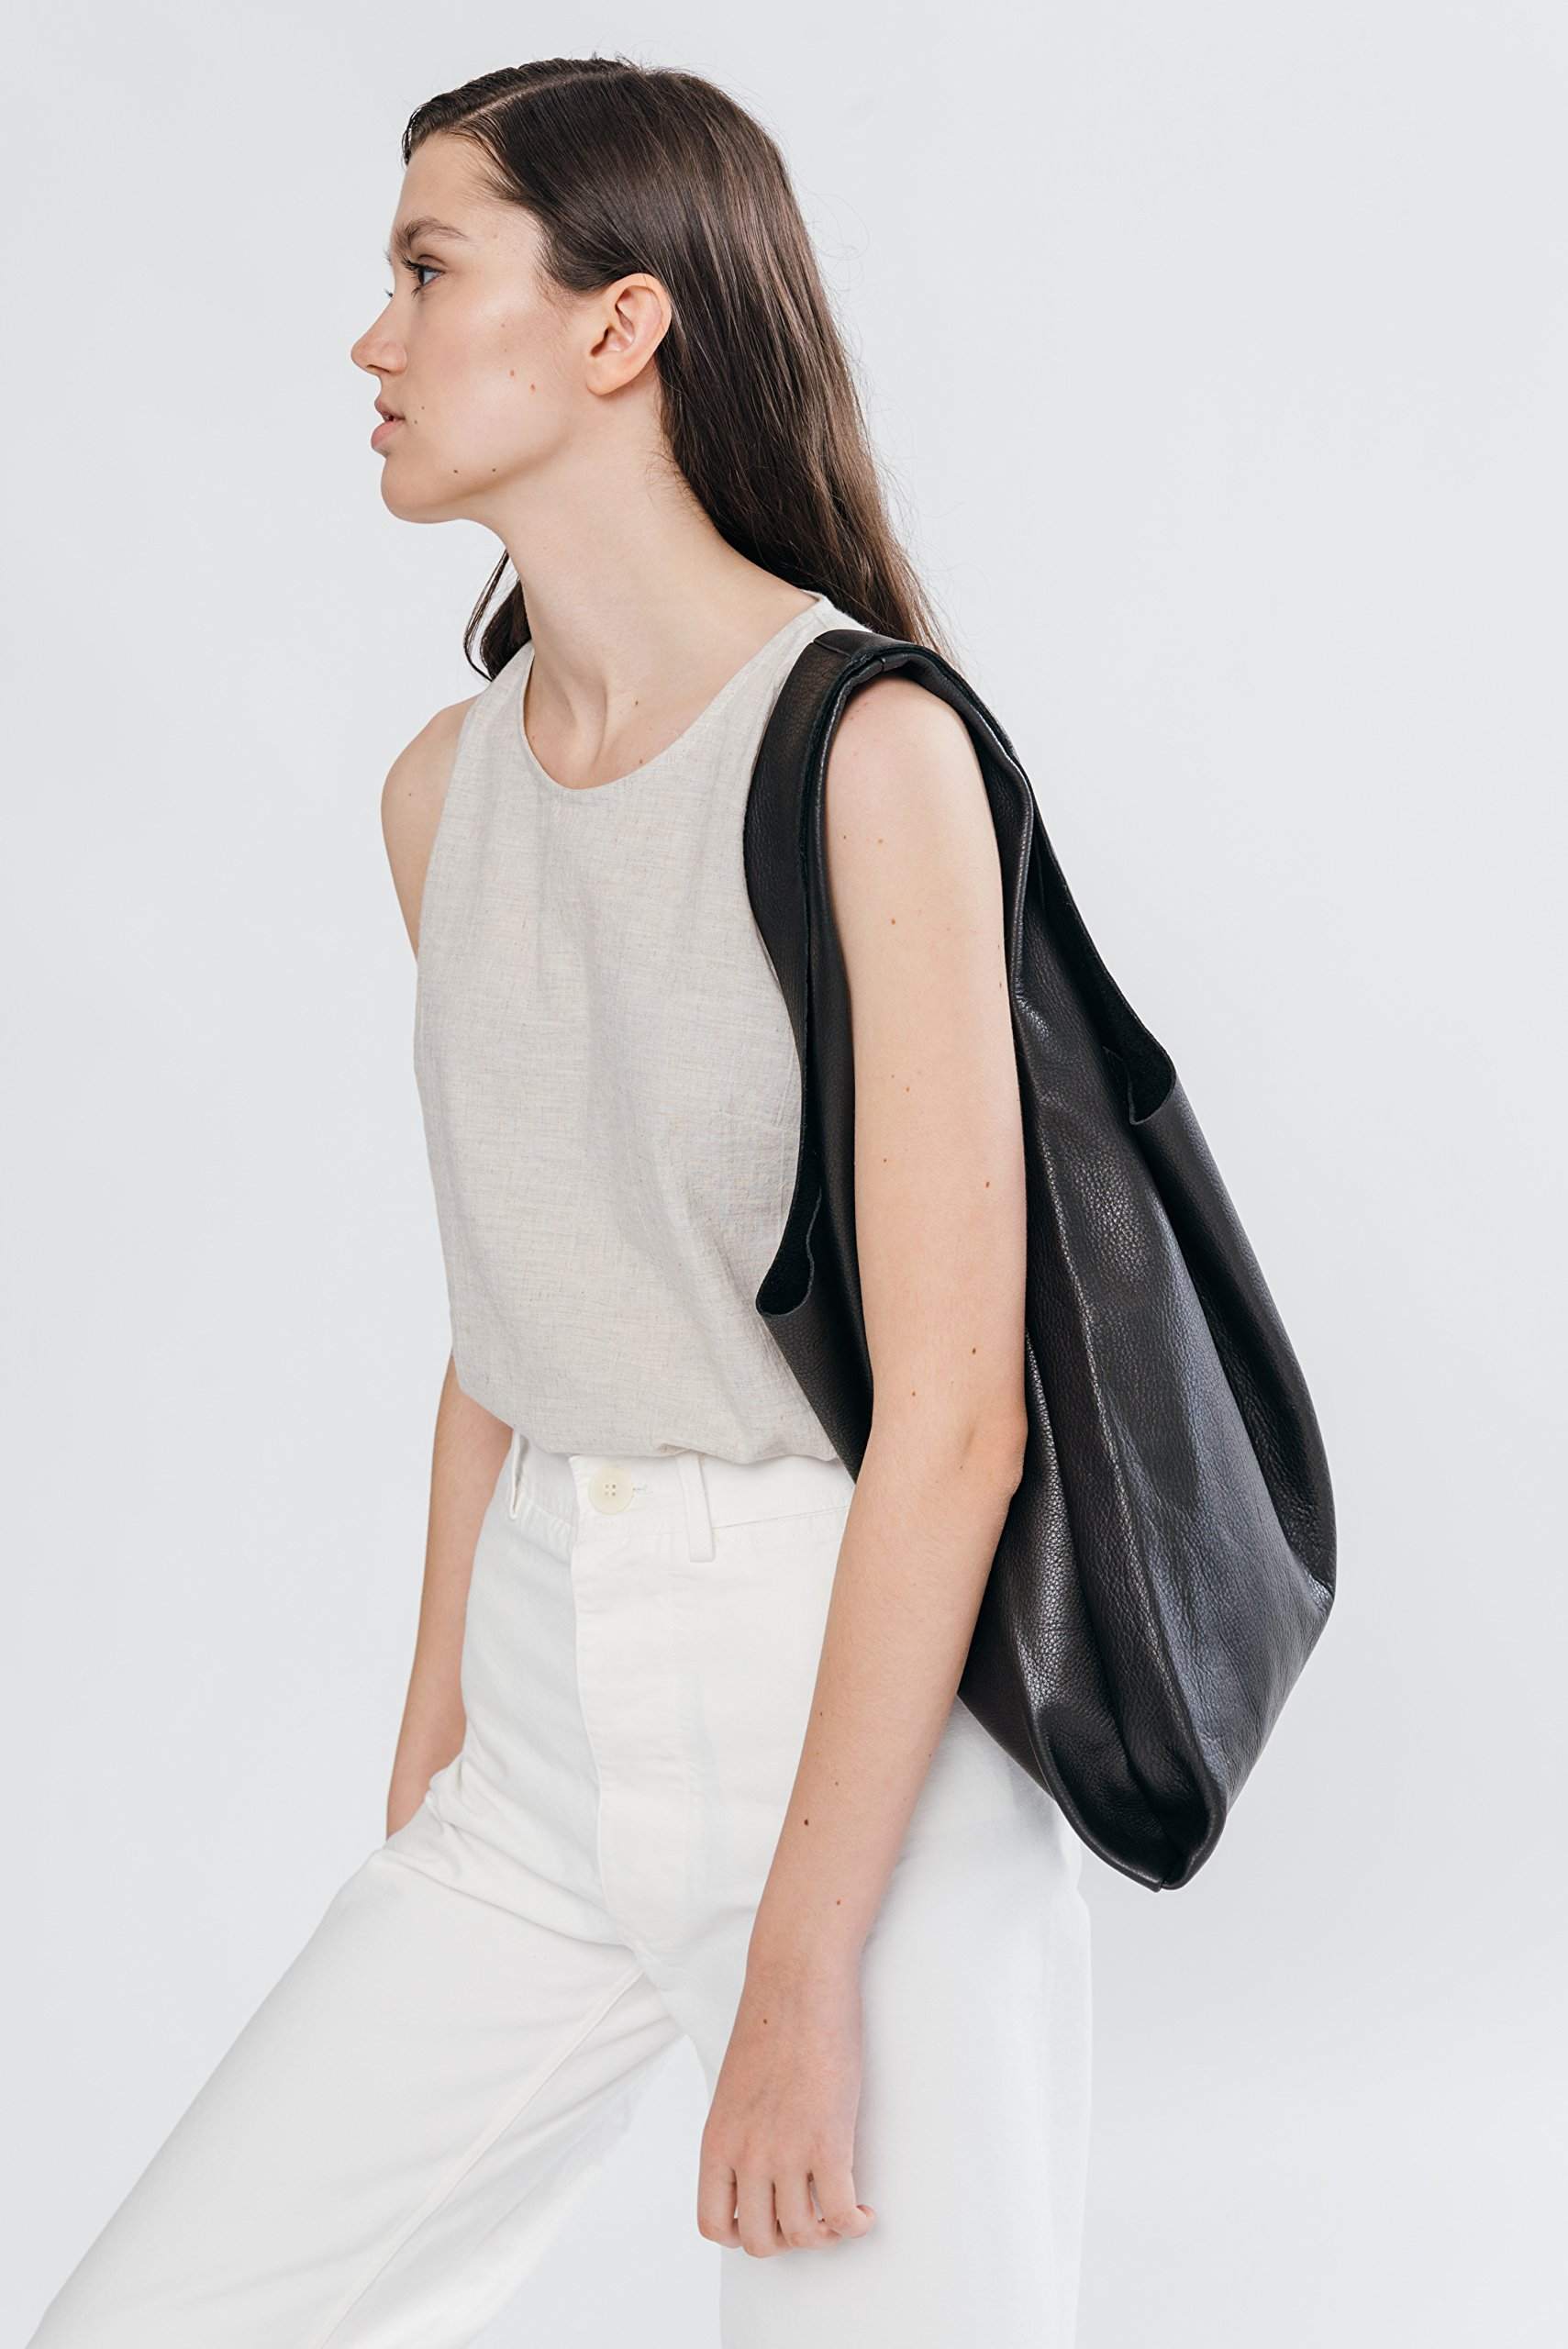 BAGGU Leather Bag - Black by BAGGU (Image #2)